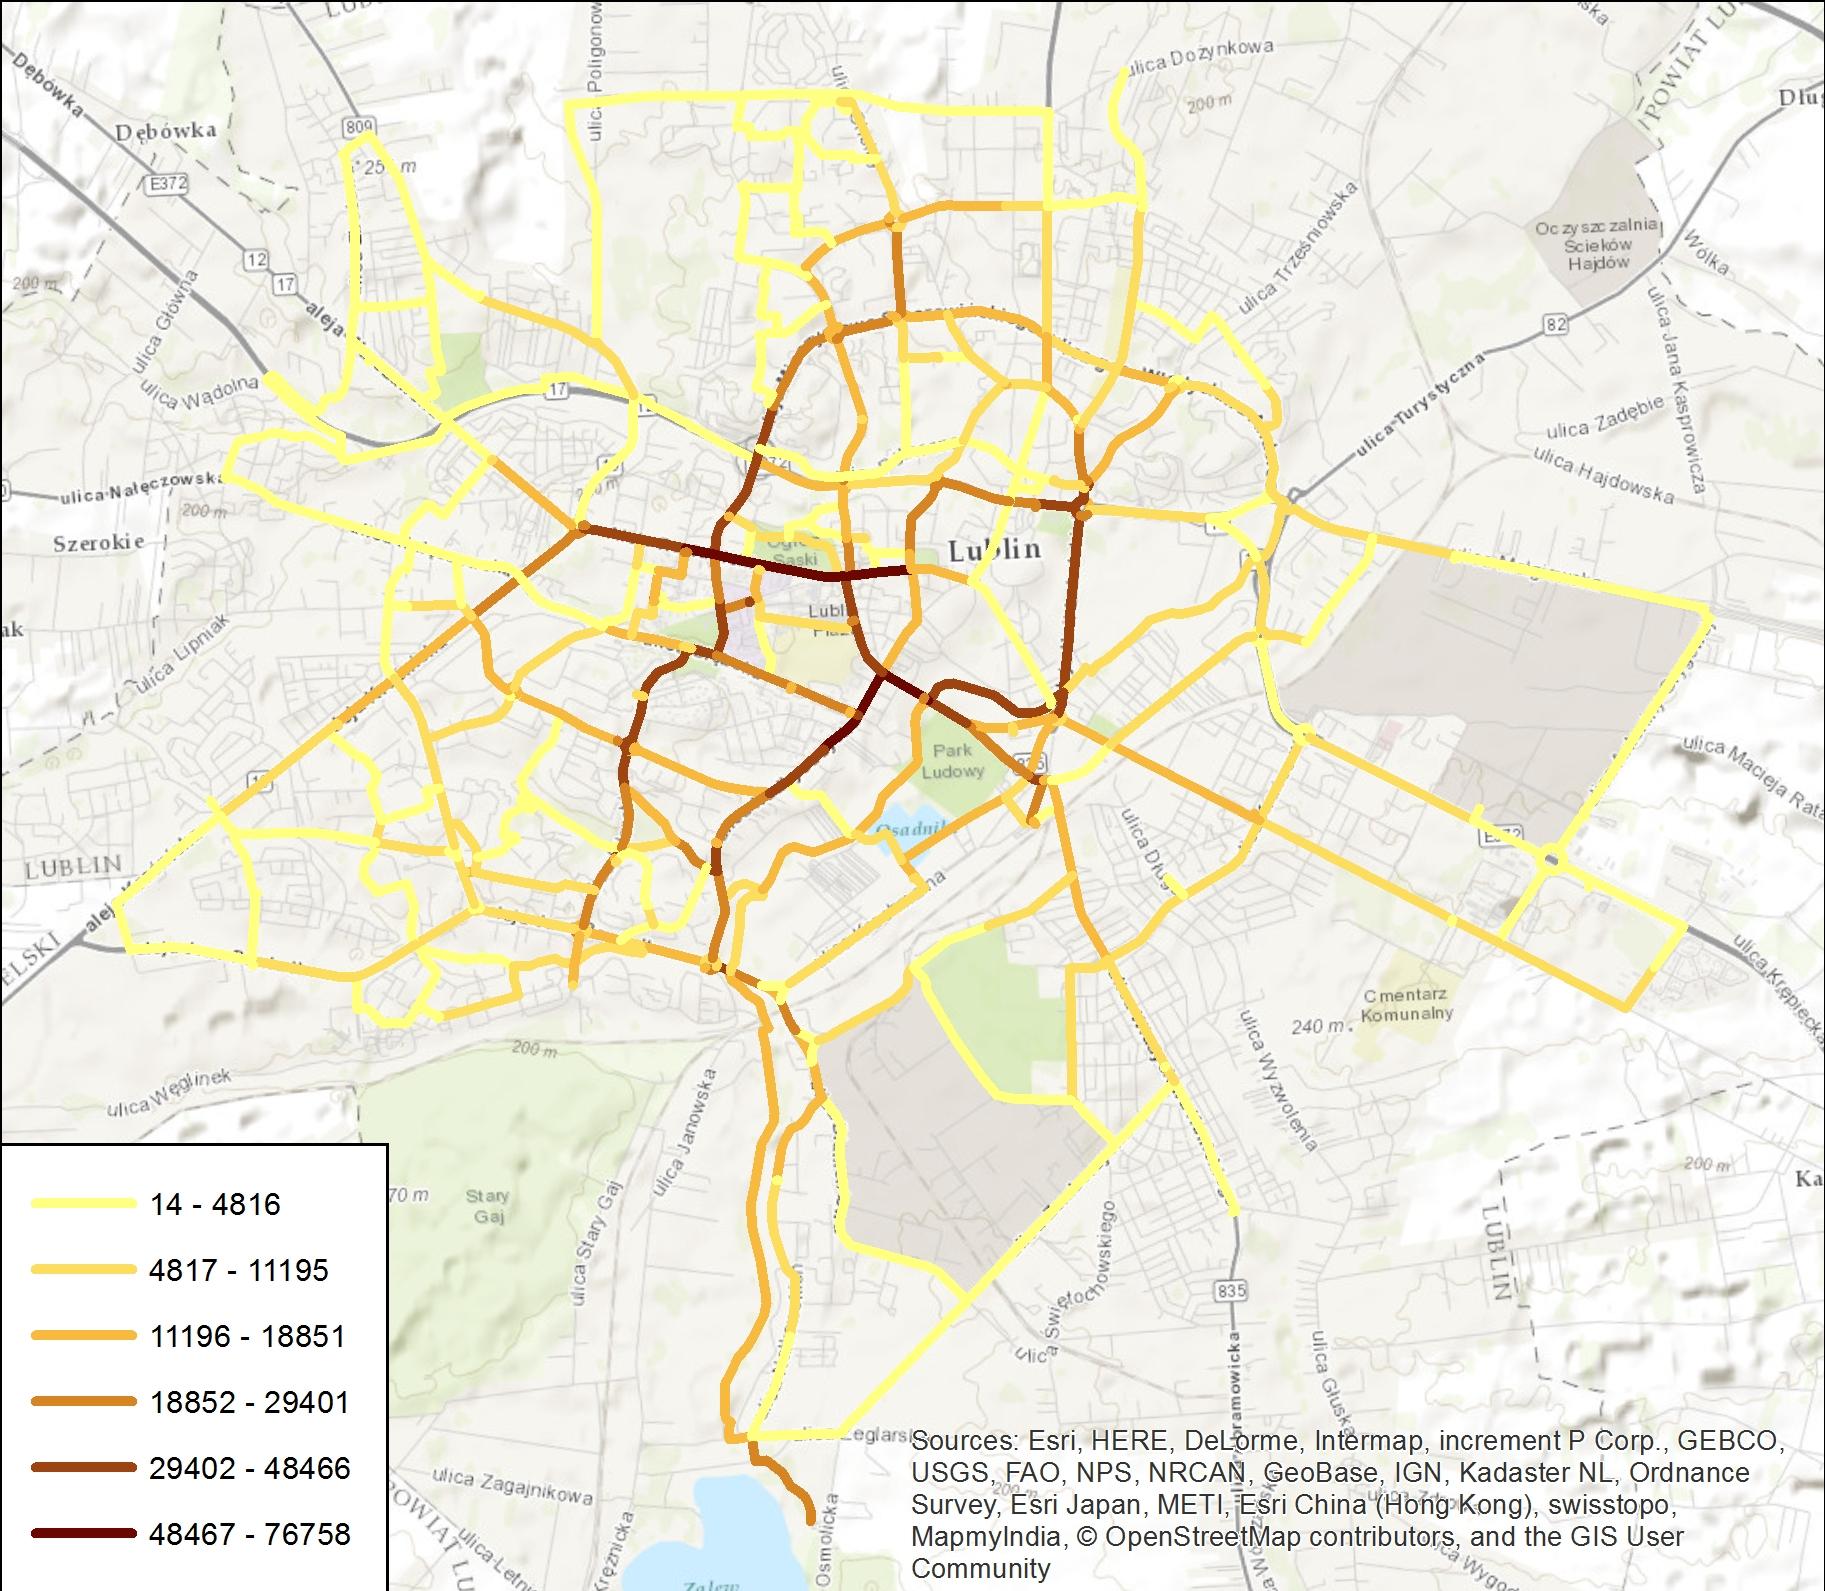 Rys. 7. Warstwa, w której każdy odcinek jest opisany przez liczbę wypożyczonych rowerów systemu LRM.